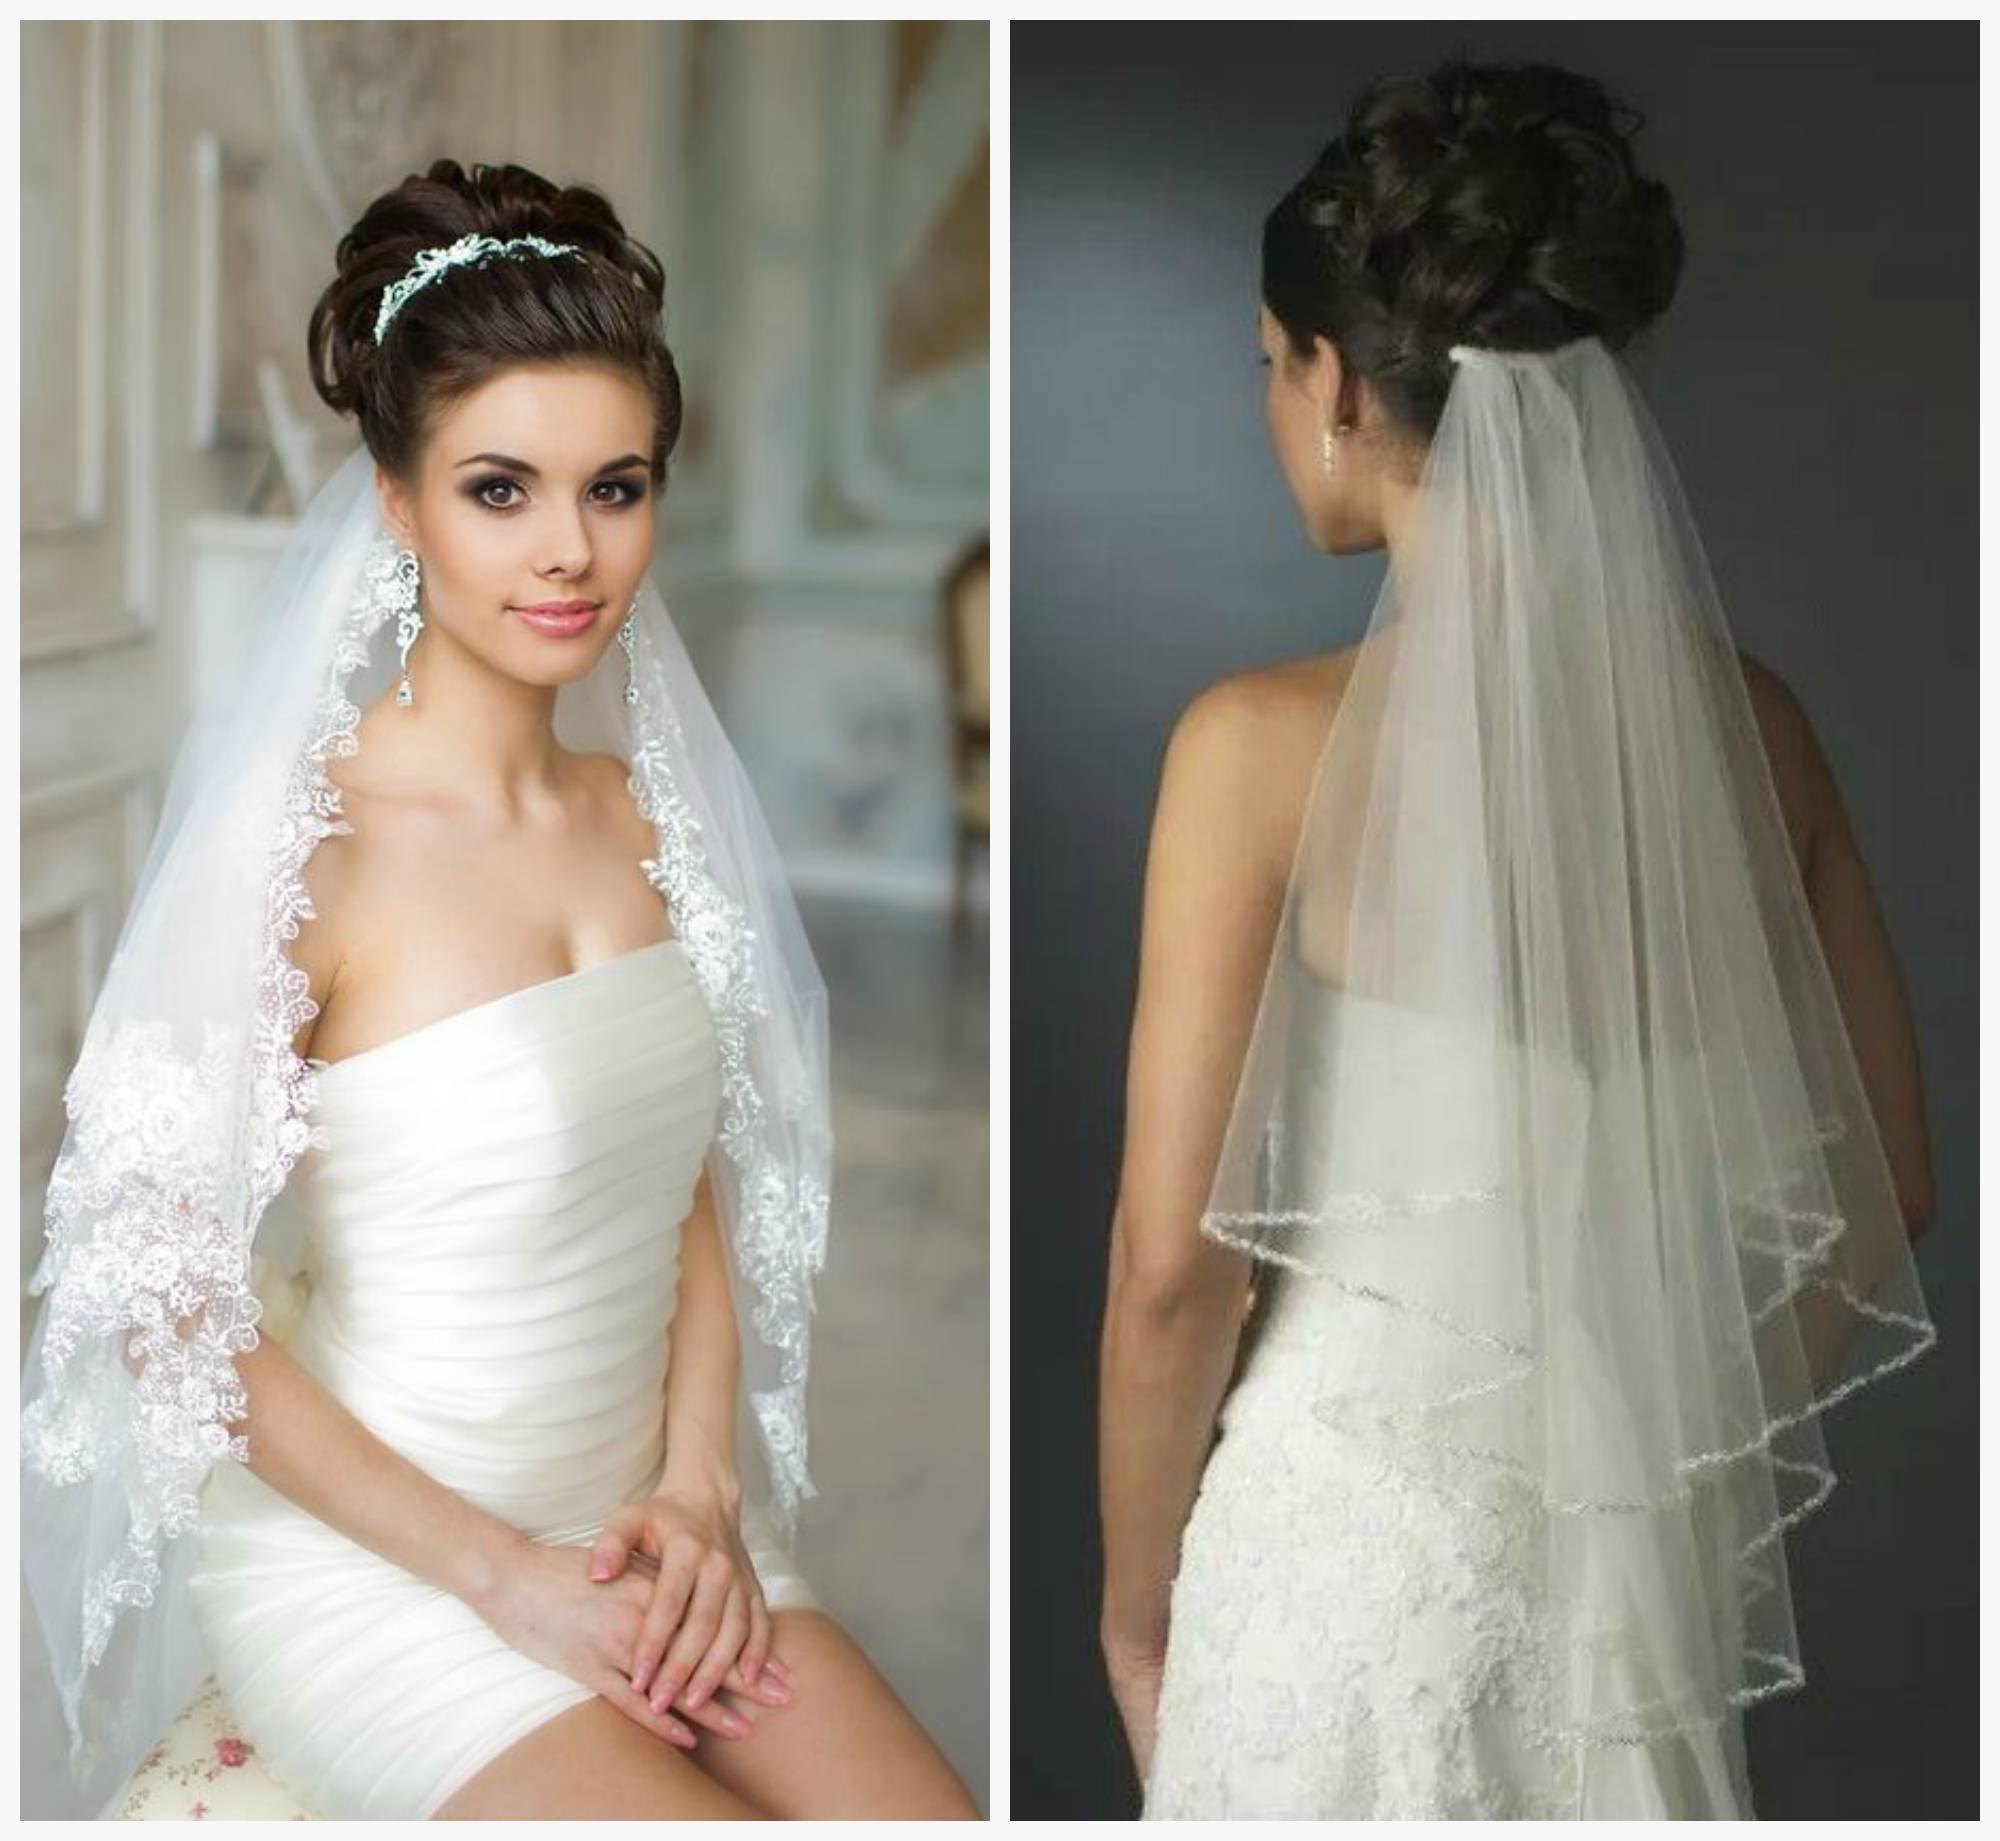 Платок для венчания (27 фото): выбираем кружевной палантин на голову. как завязать и закрепить платок на прическе?